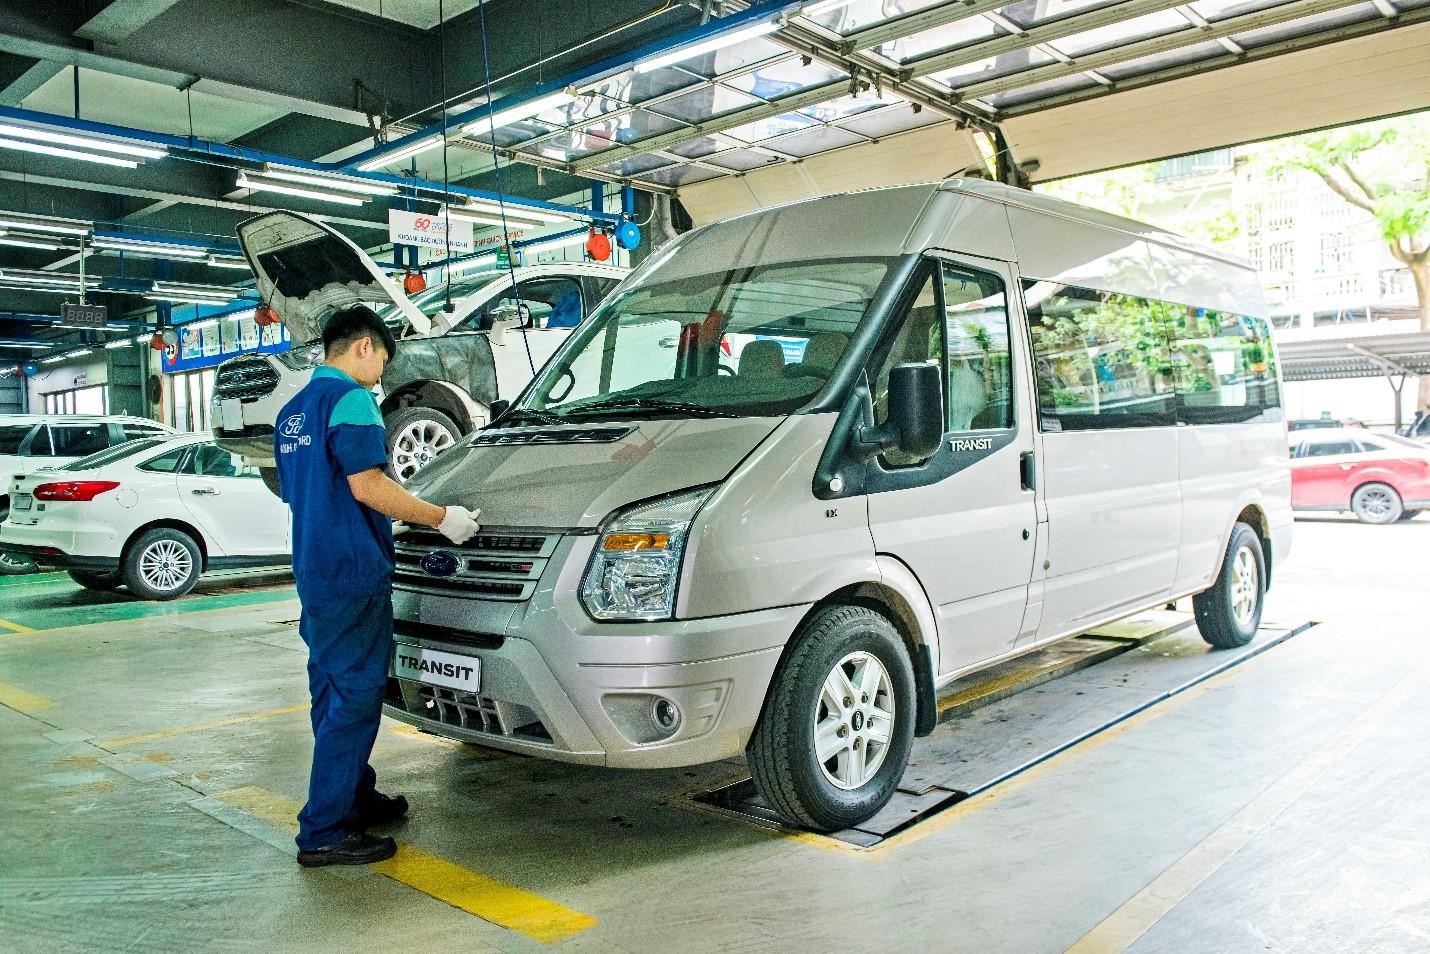 Kỹ thuật viên của Ford Việt Nam kiểm tra xe tại khu vực sửa chữa.